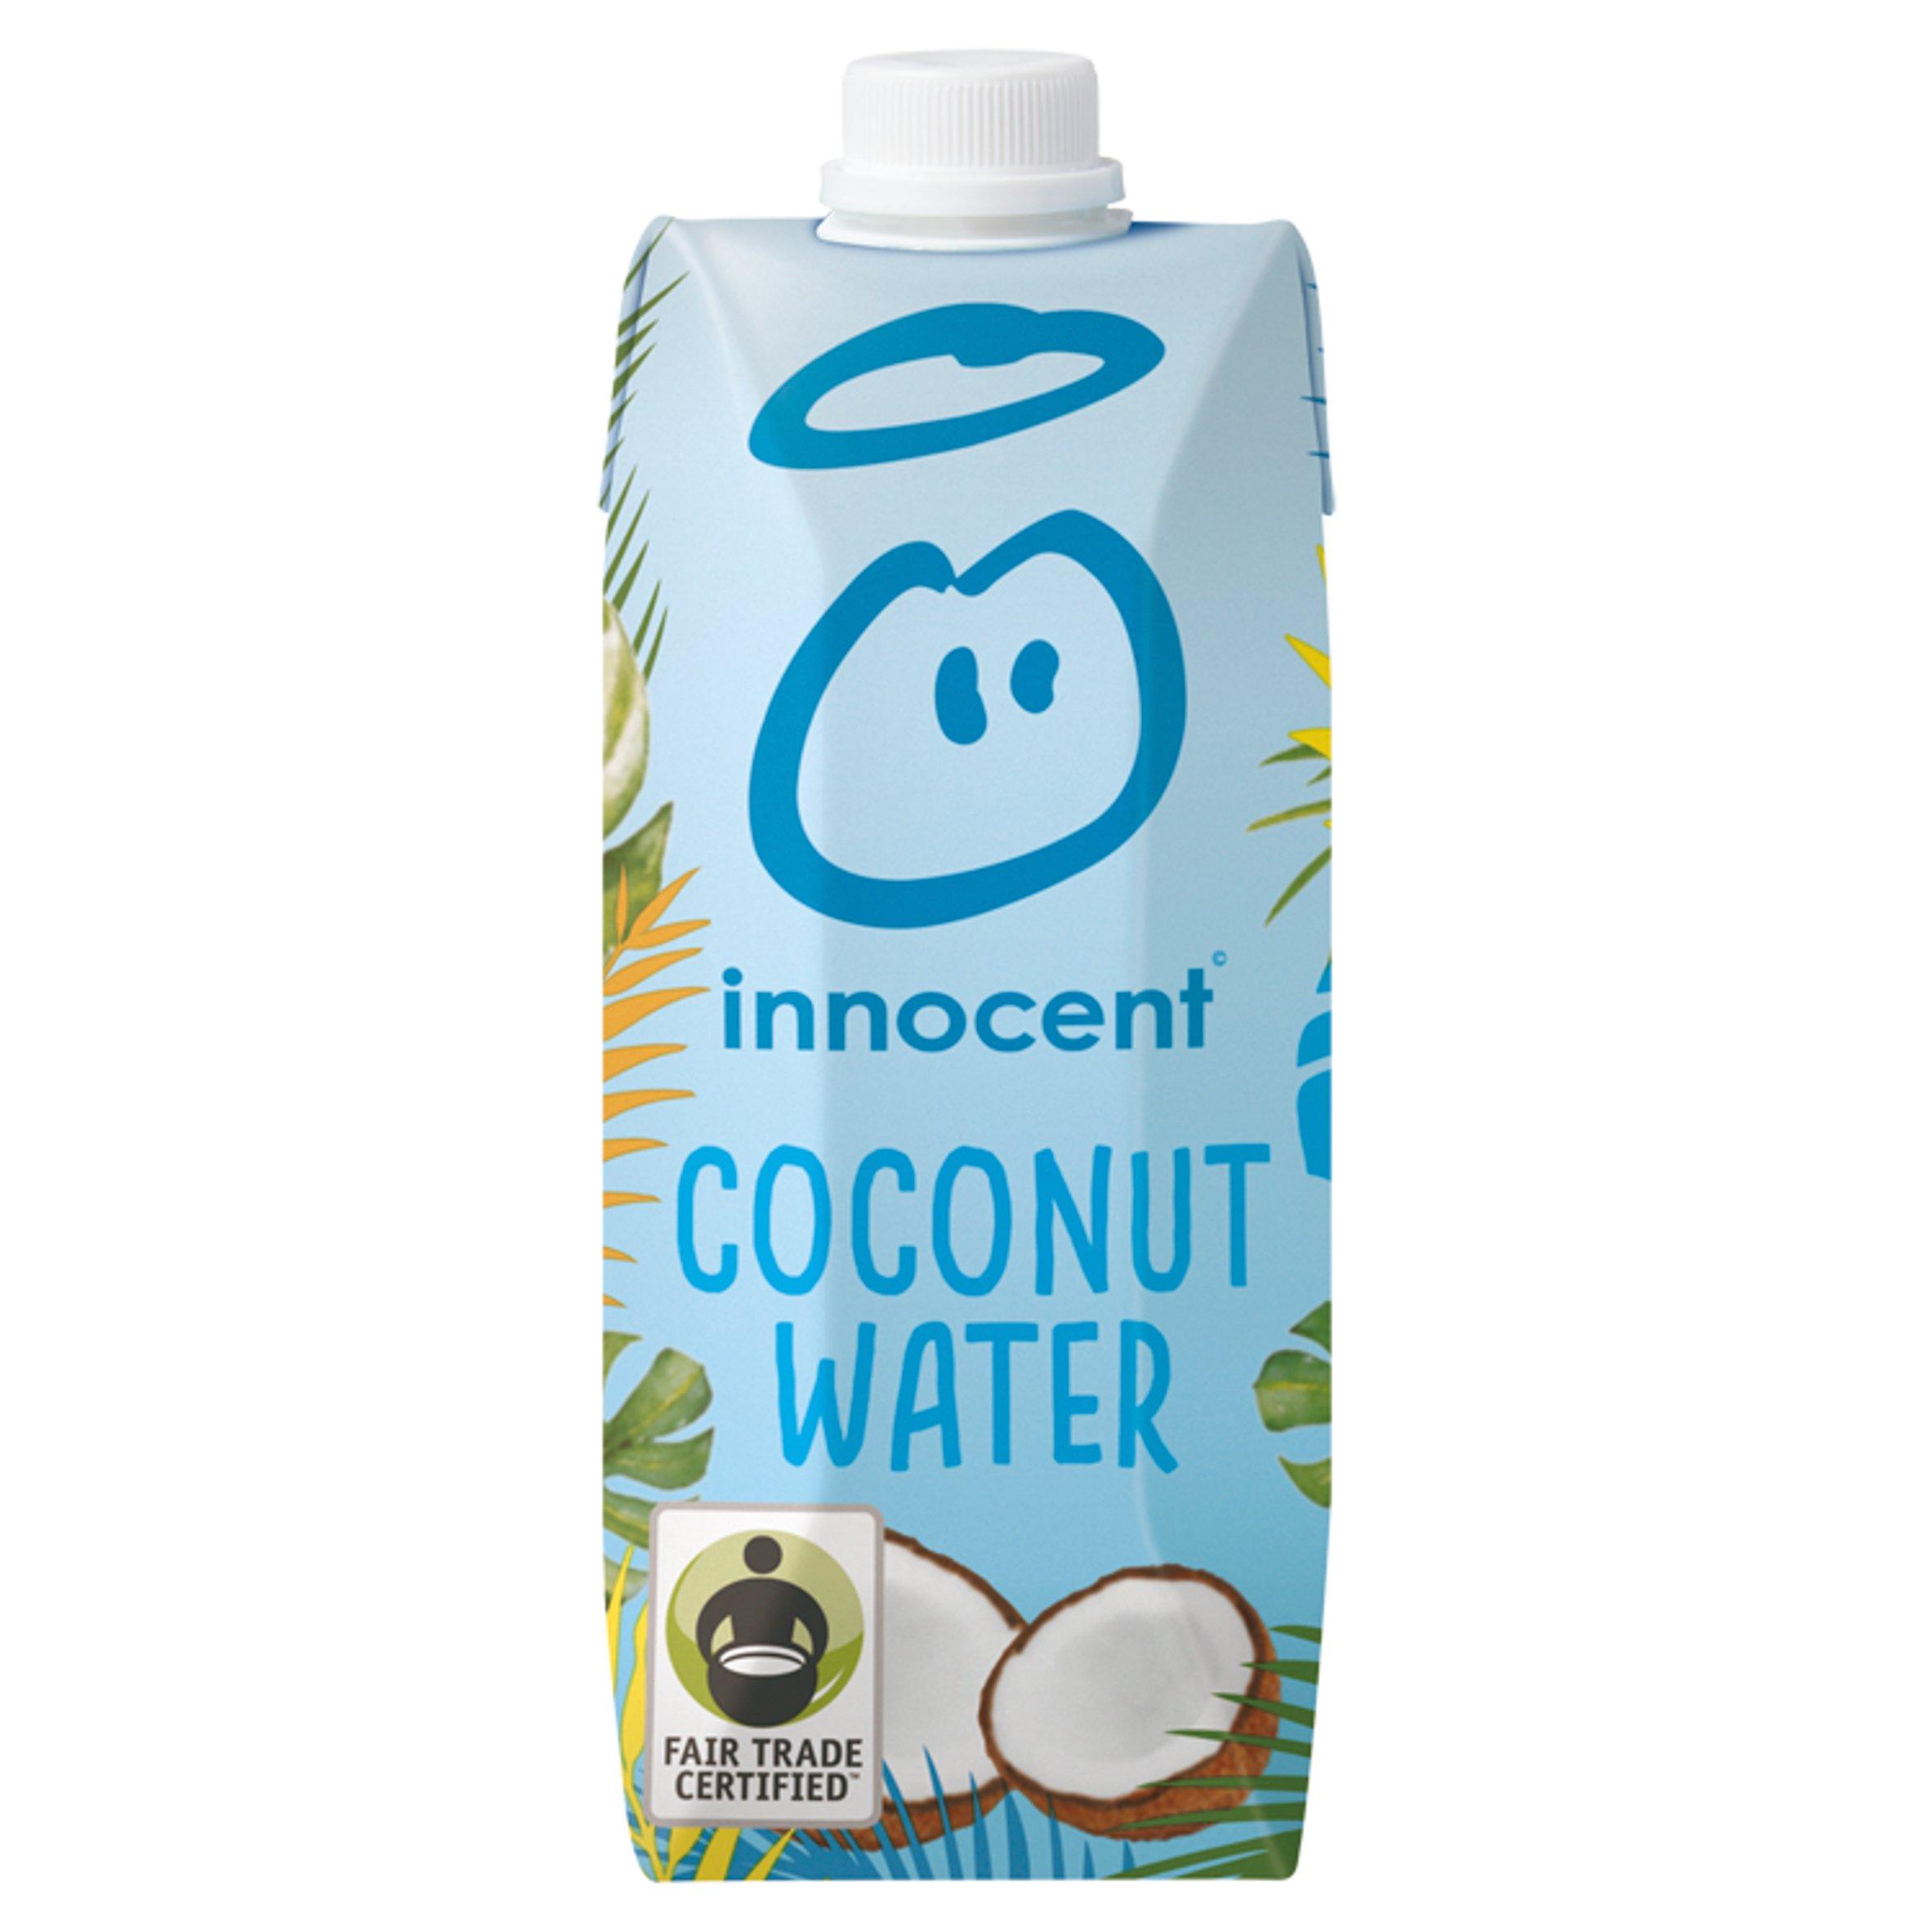 Innocent Coconut Water 500Ml